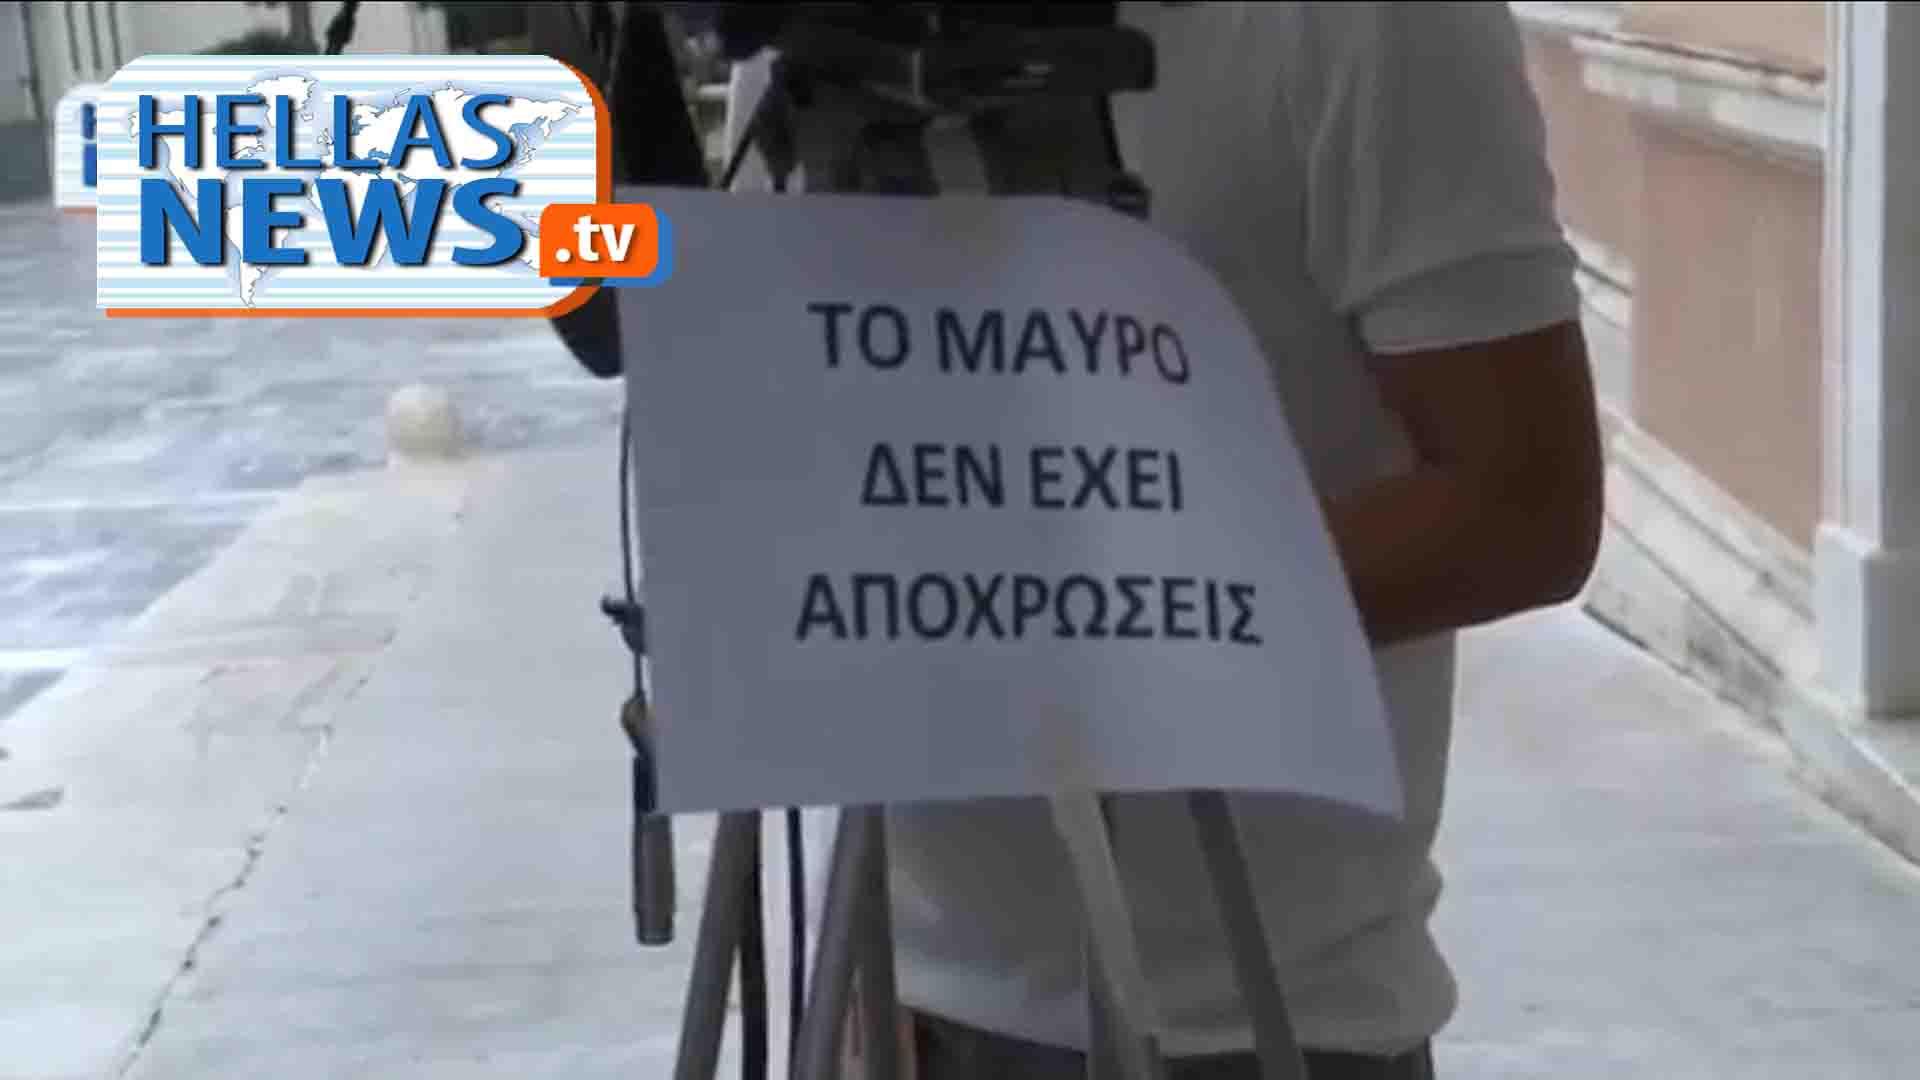 «Το μαύρο δεν έχει αποχρώσεις» – Σιωπηρή διαμαρτυρία δημοσιογράφων & τεχνικών στη Βουλή